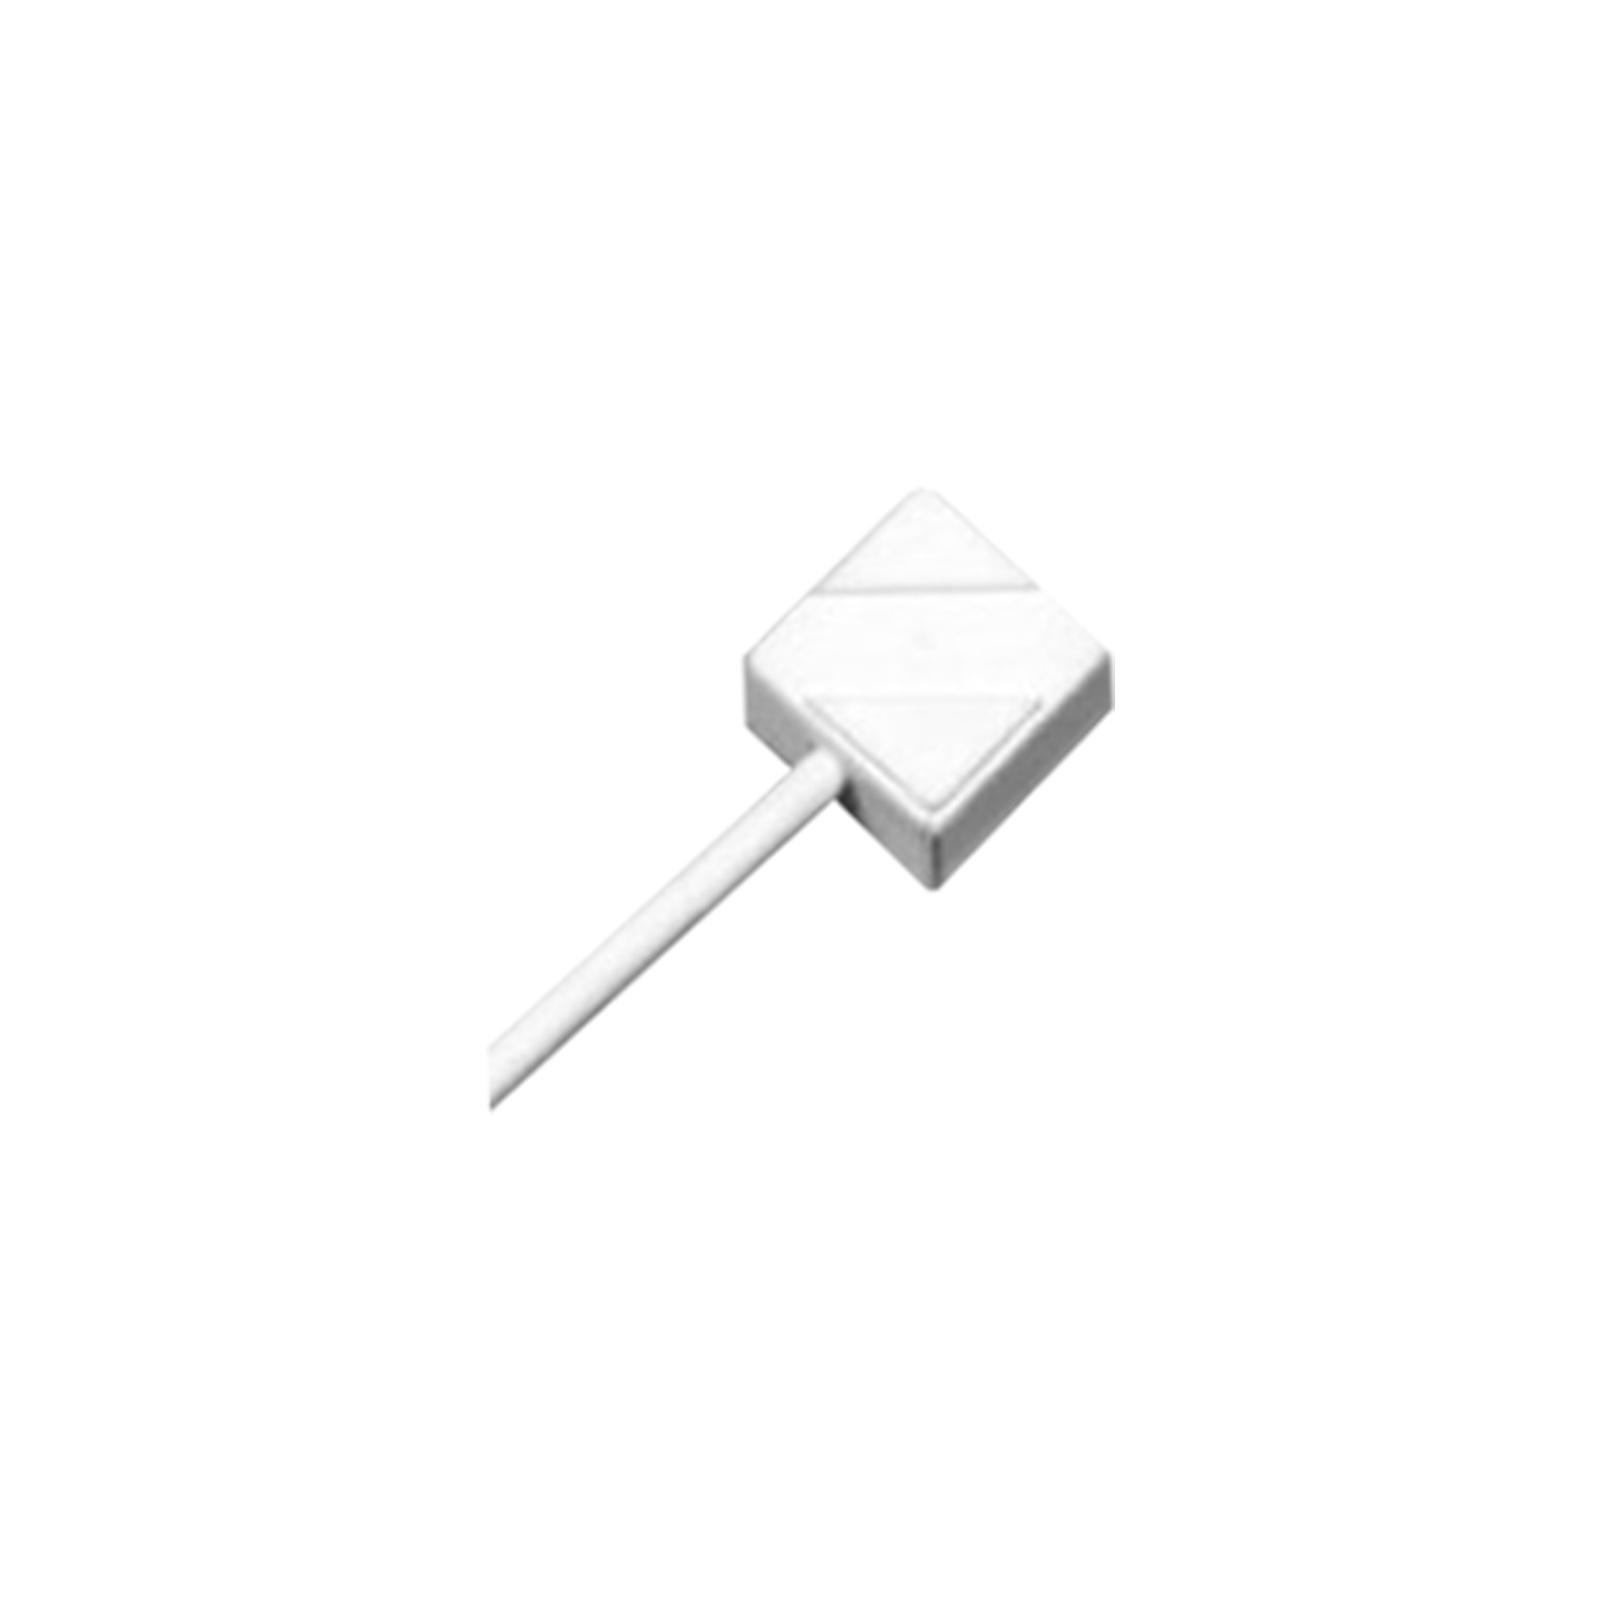 sensore-piezoelettrico-rilevazione-rottura-vetro-basso-assorbimento-bianco